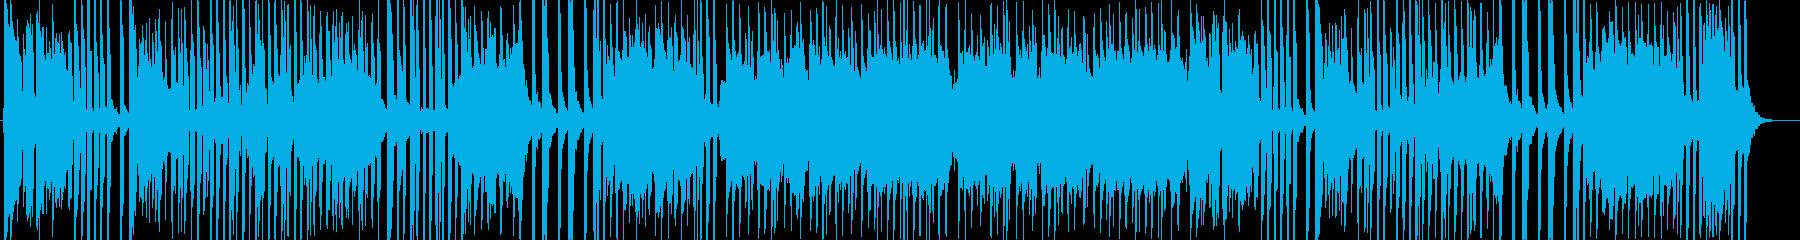 アルゼンチンタンゴのスタンダードの再生済みの波形